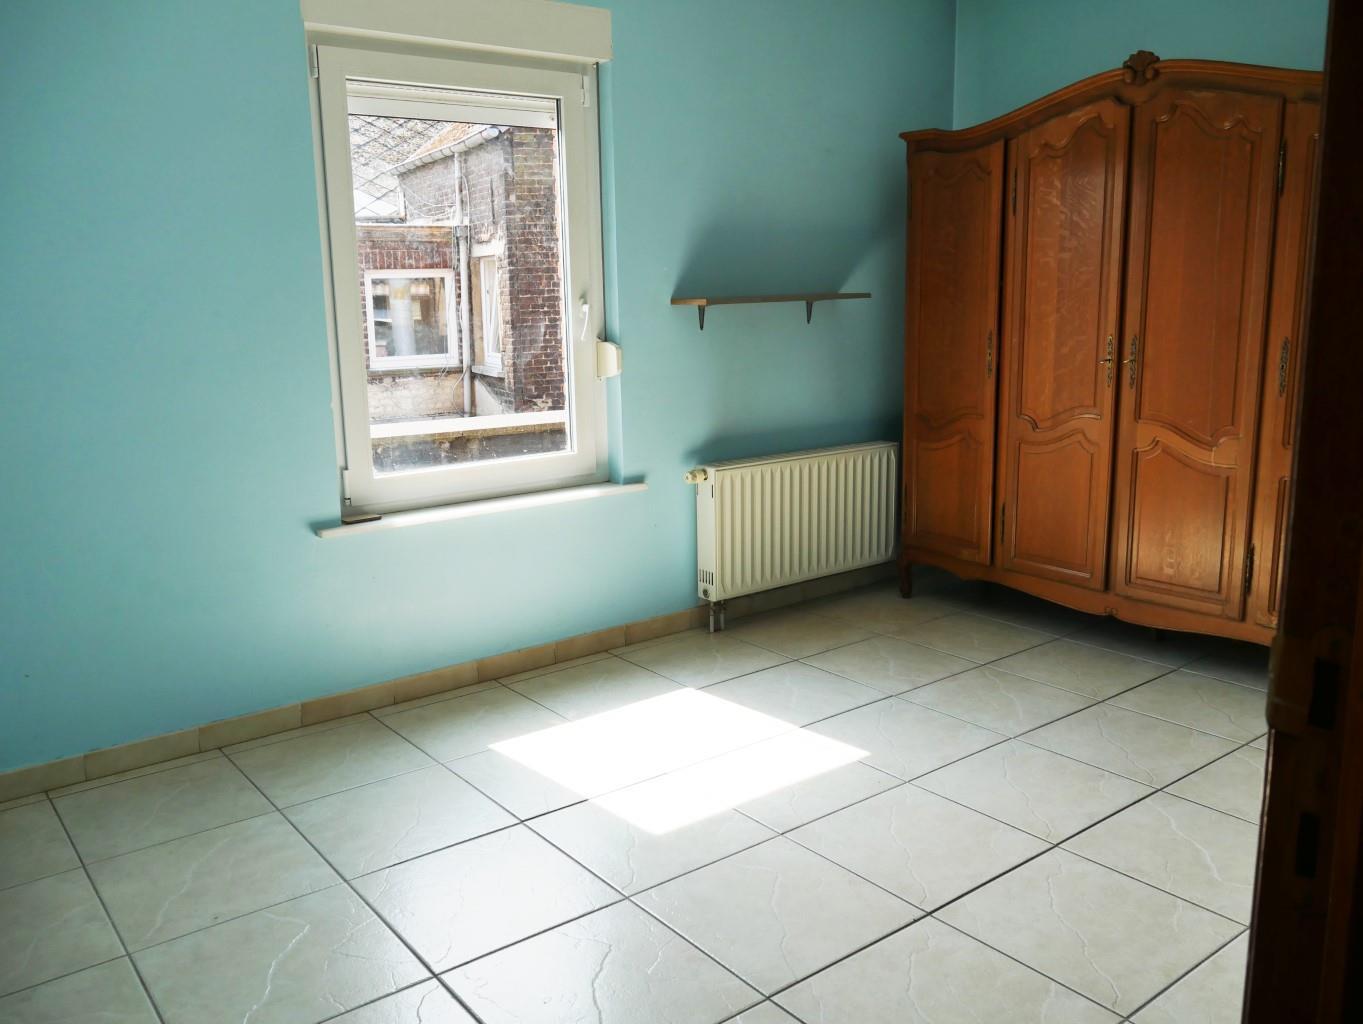 Maison - Tubize Clabecq - #3452075-6